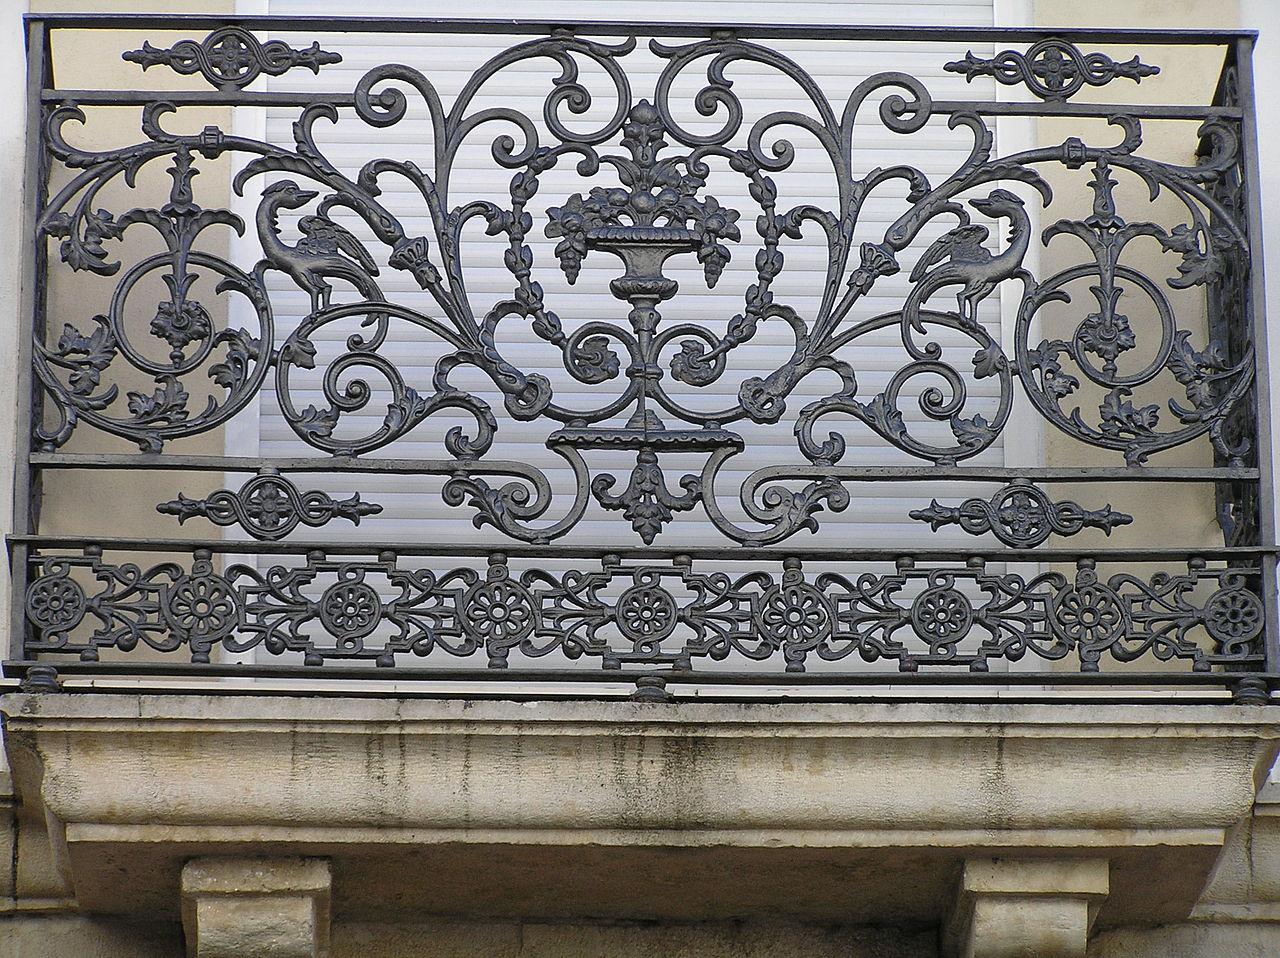 Archivo balcon de hierro forjado en calle feria jpg - Colgadores de hierro forjado ...